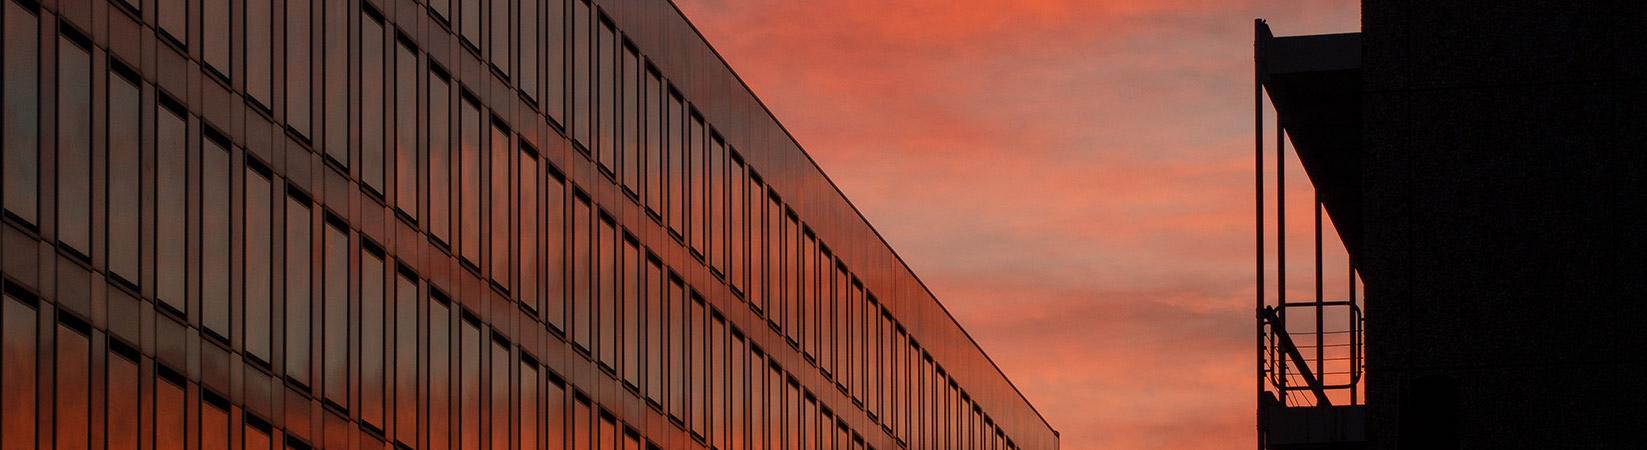 Herrlicher Sonnenuntergang in Köln